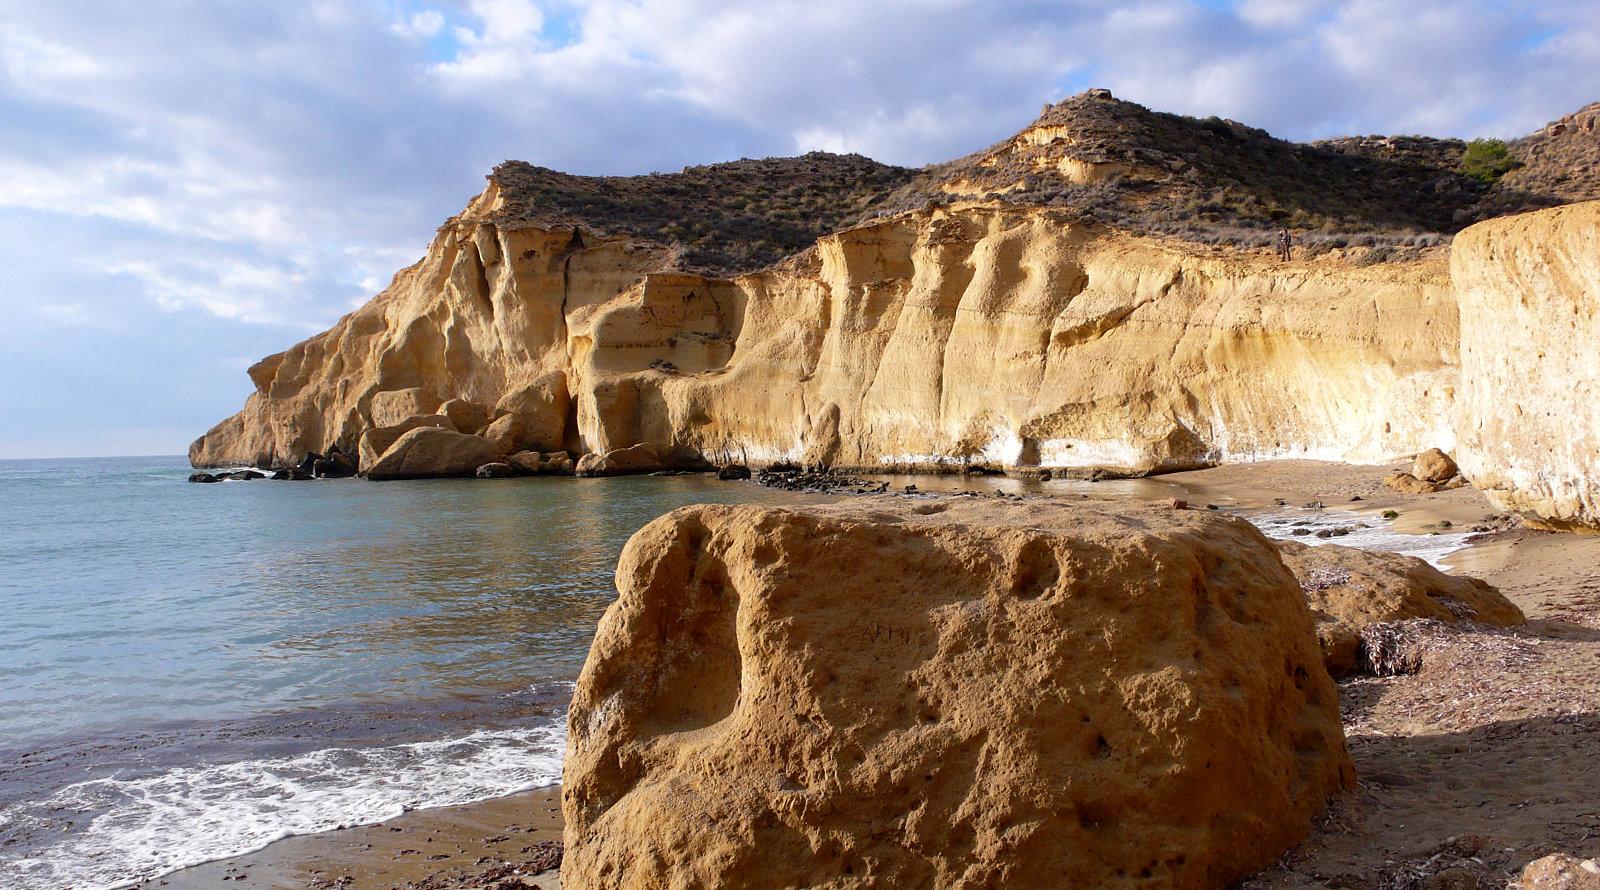 La meravigliosa costa rocciosa di Aguilas